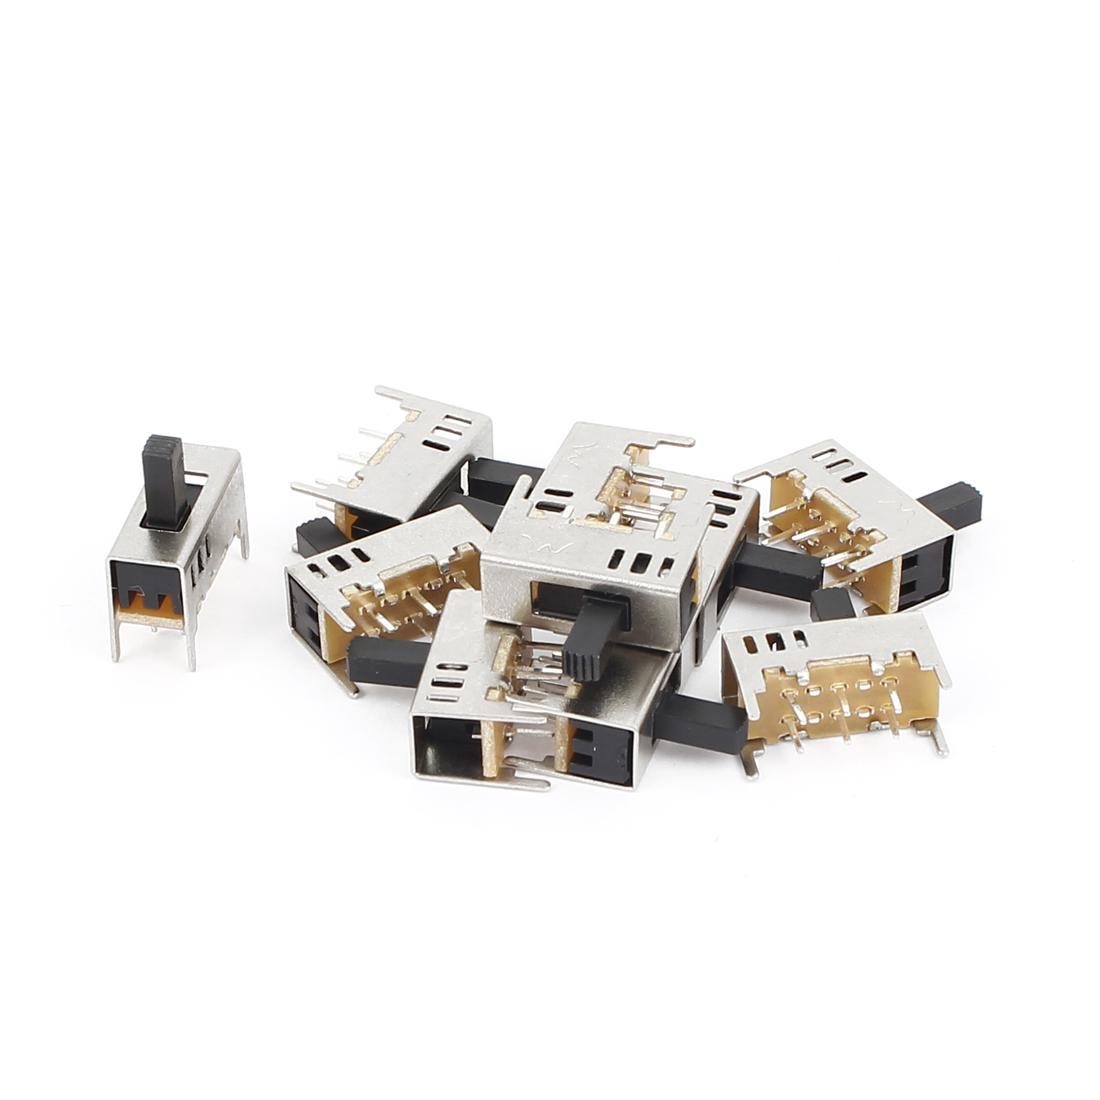 10 Pcs AC 50V 0.5A High Side Knob 3 Position DPDT Slide Switch SK22H02